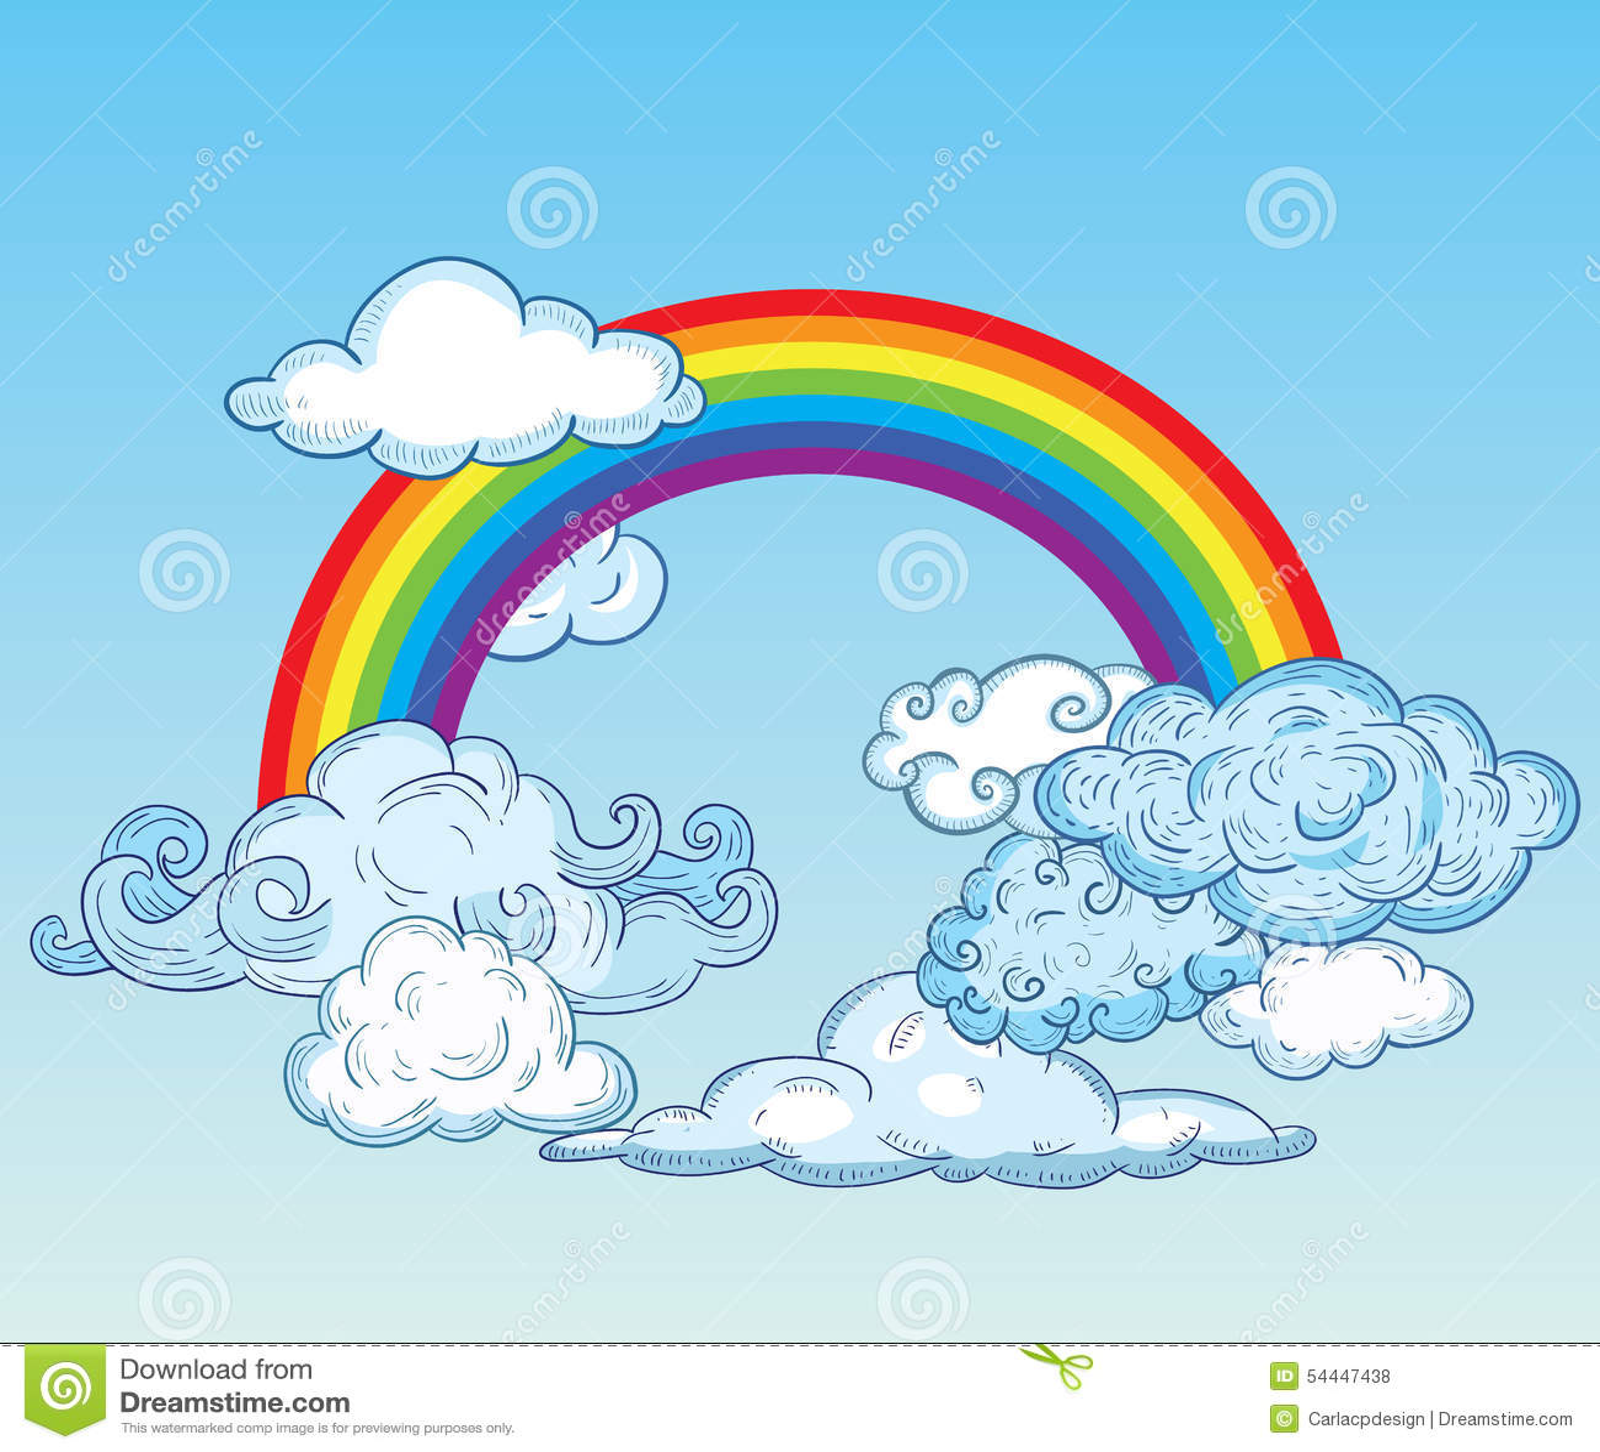 Doodle облака и радуга, рука нарисованный вектор ...